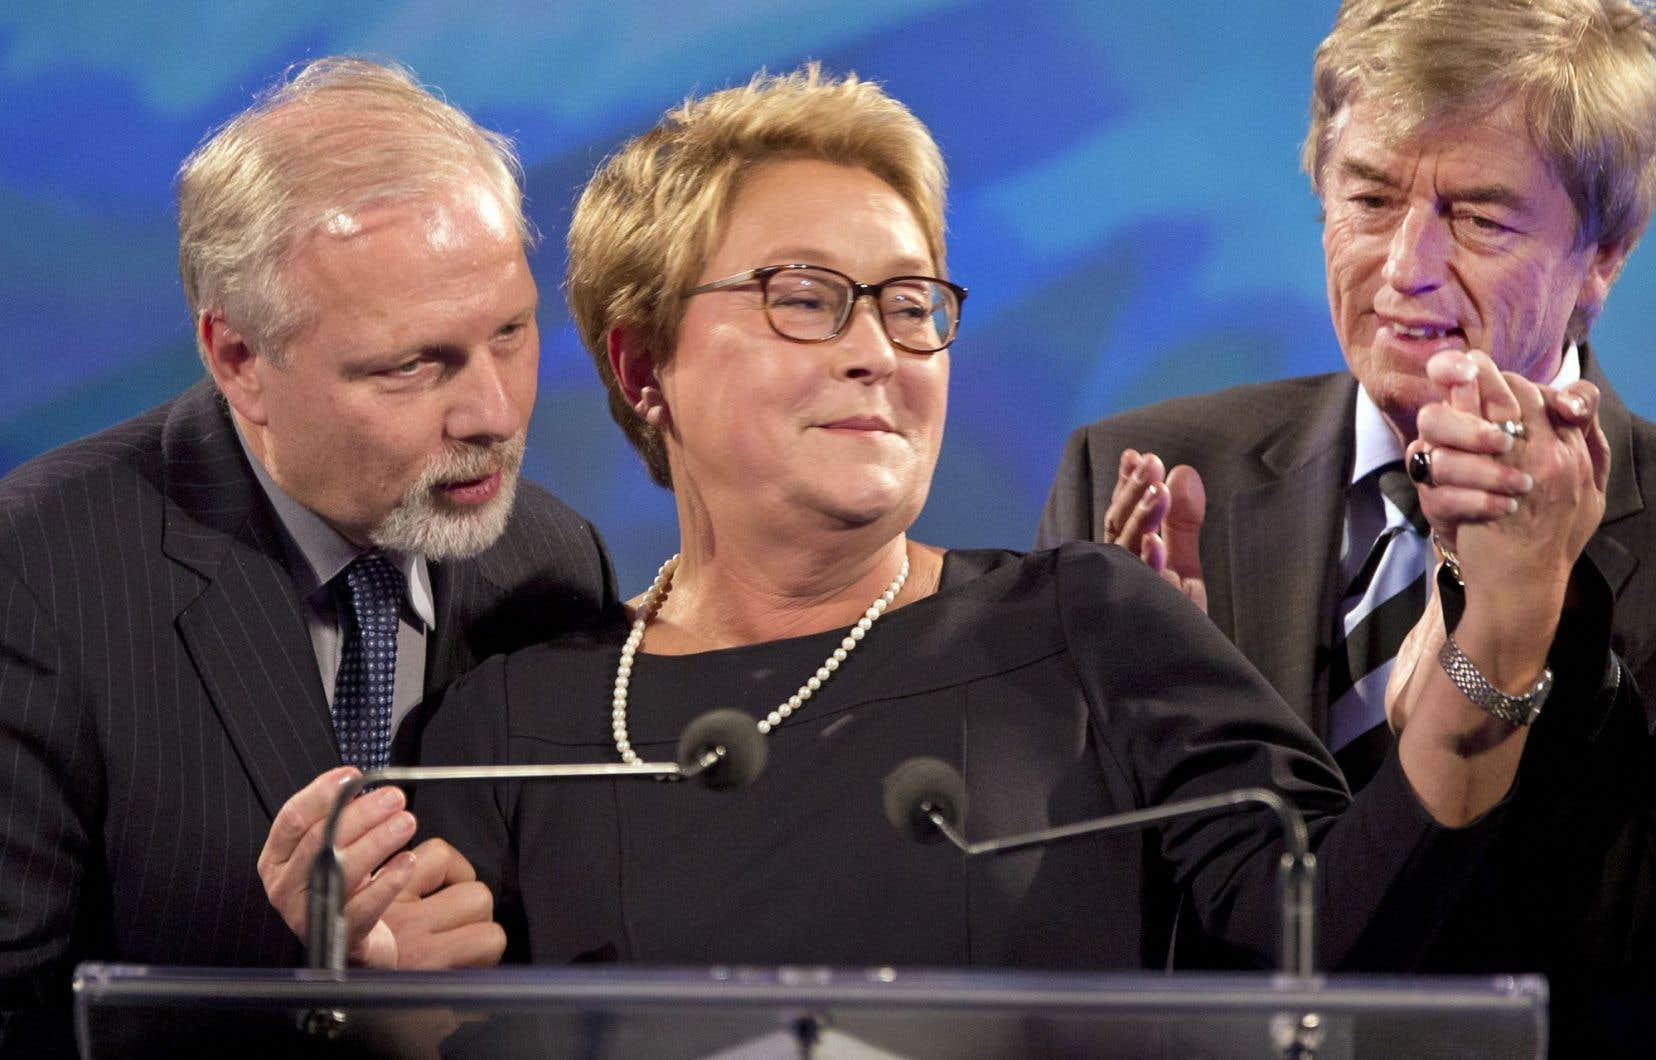 Le PQ a encaissé une défaite claire et qui était surtout imprévisible au moment du déclenchement de la campagne en 2014. Aux côtés de Pauline Marois, Jean-François Lisée et Claude Blanchet.